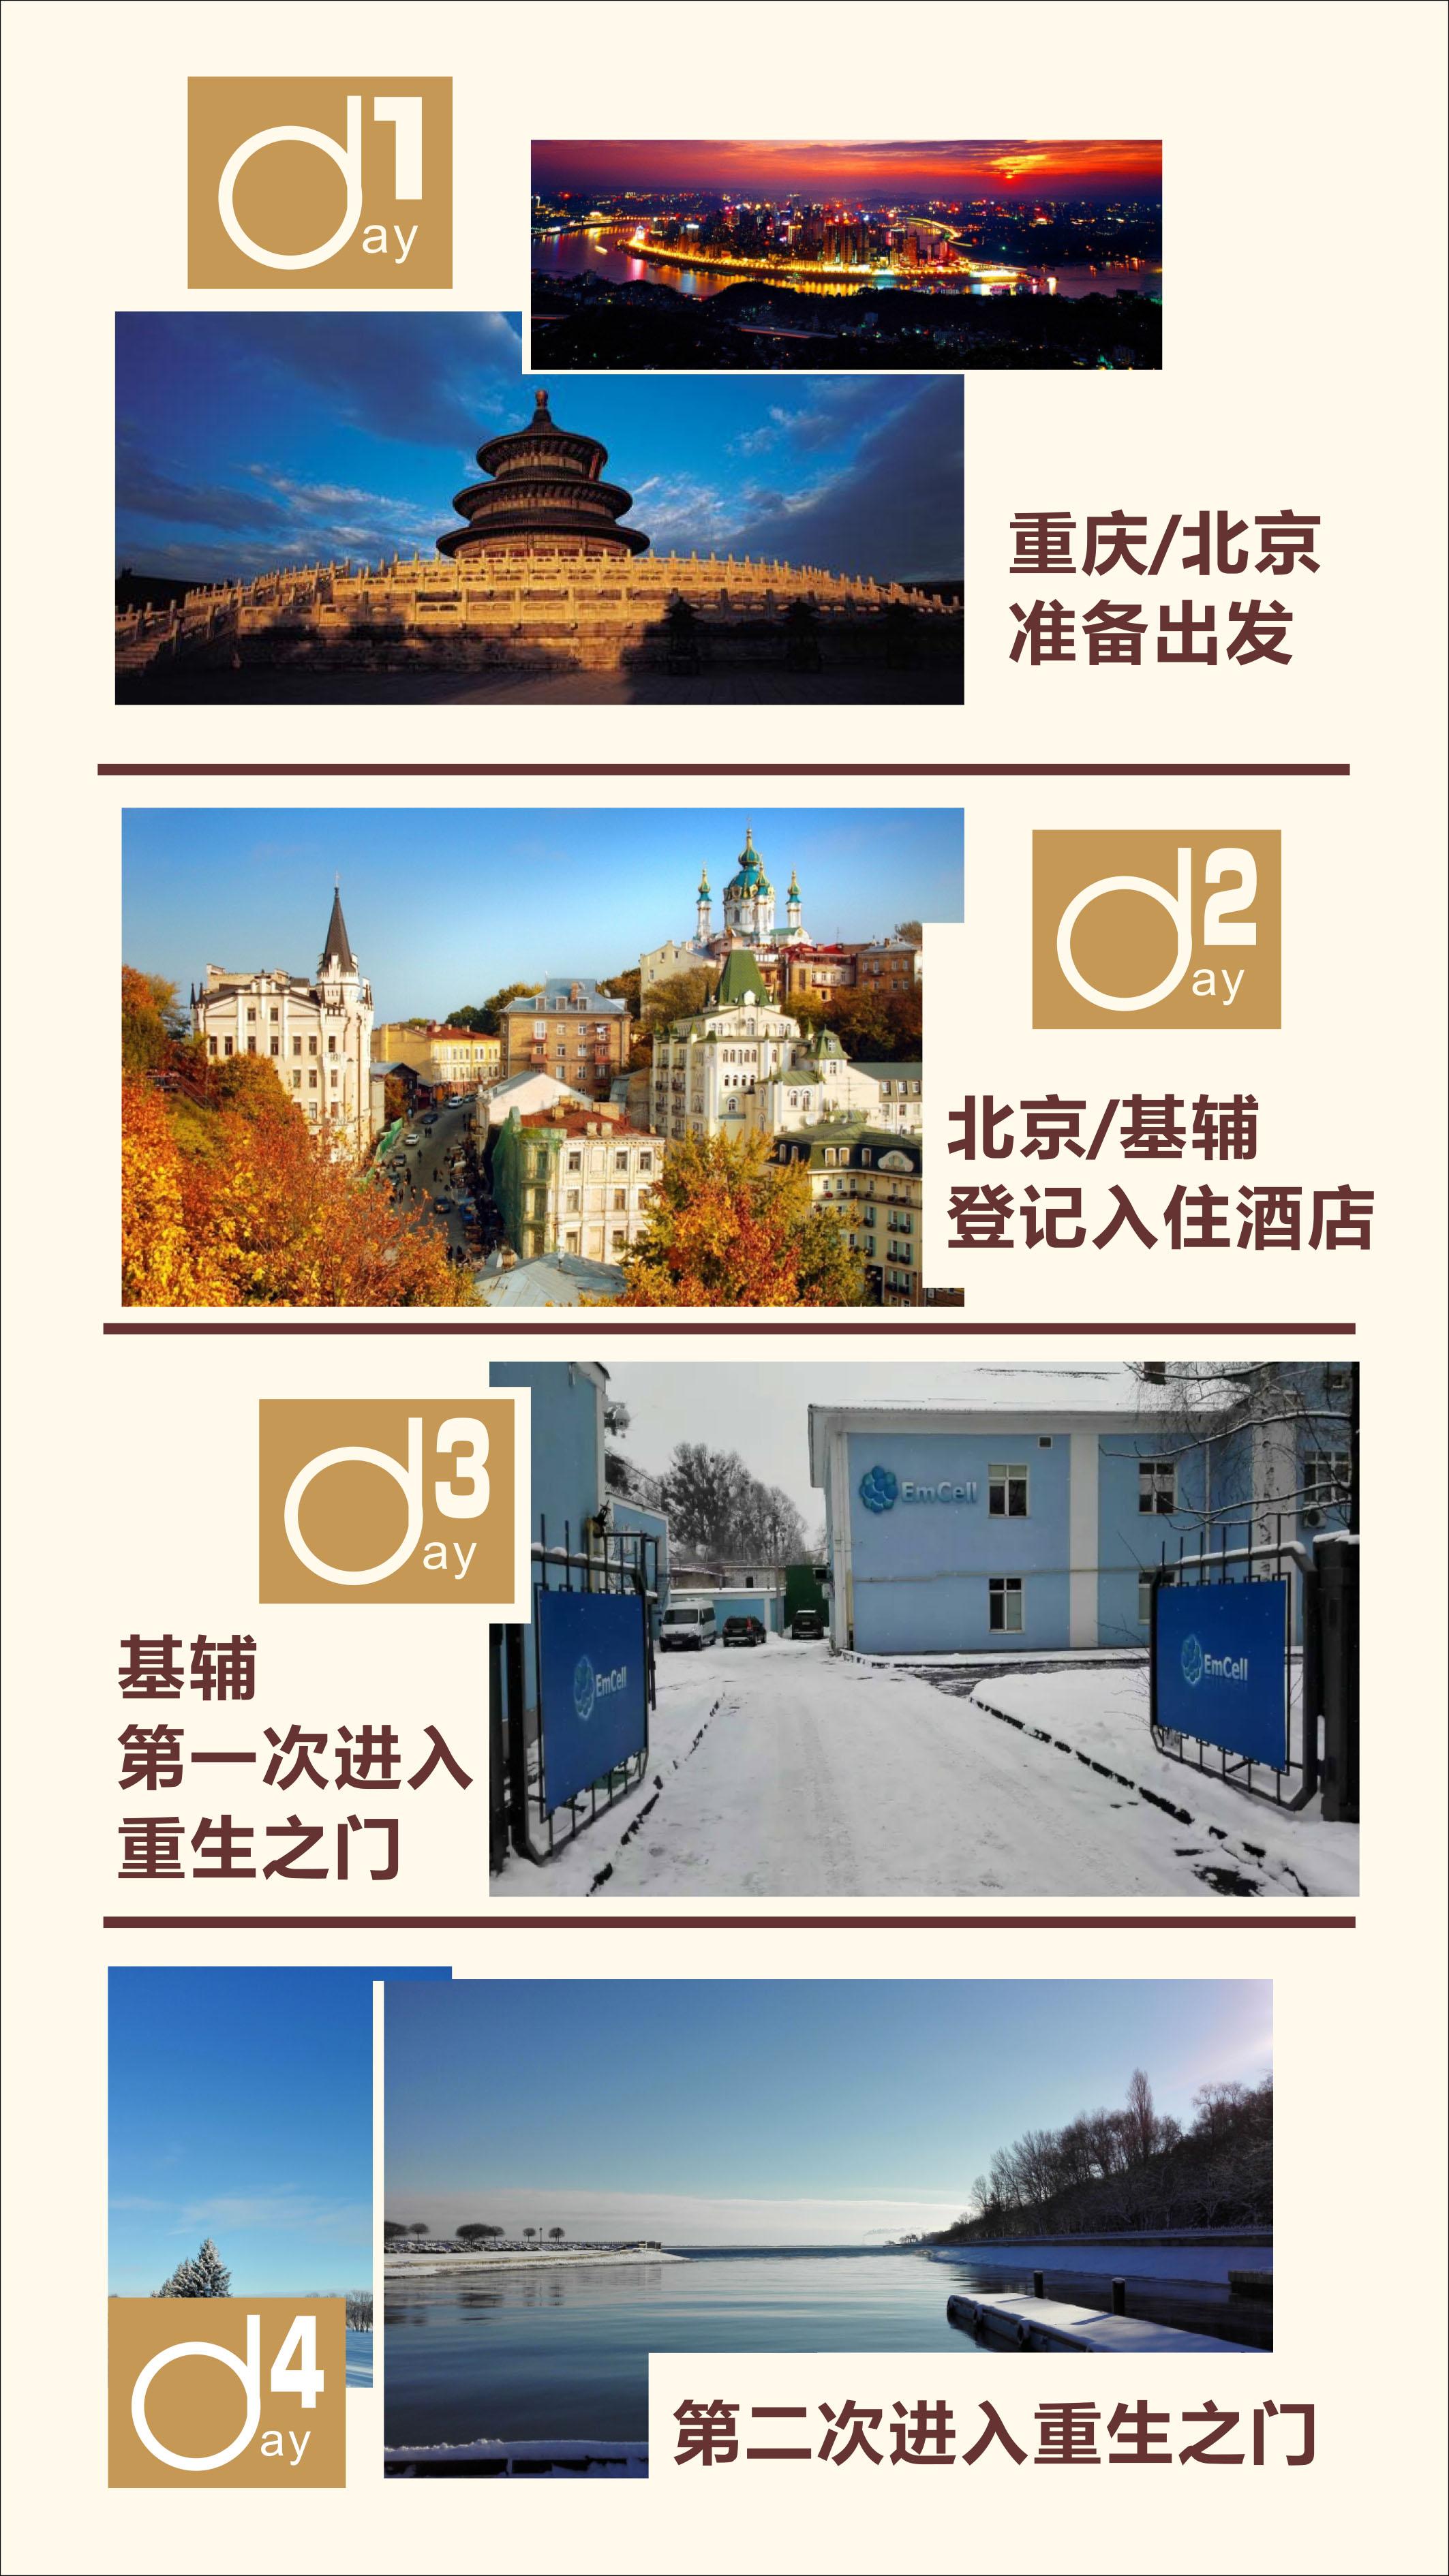 乌干细胞电子画册网站资料-19